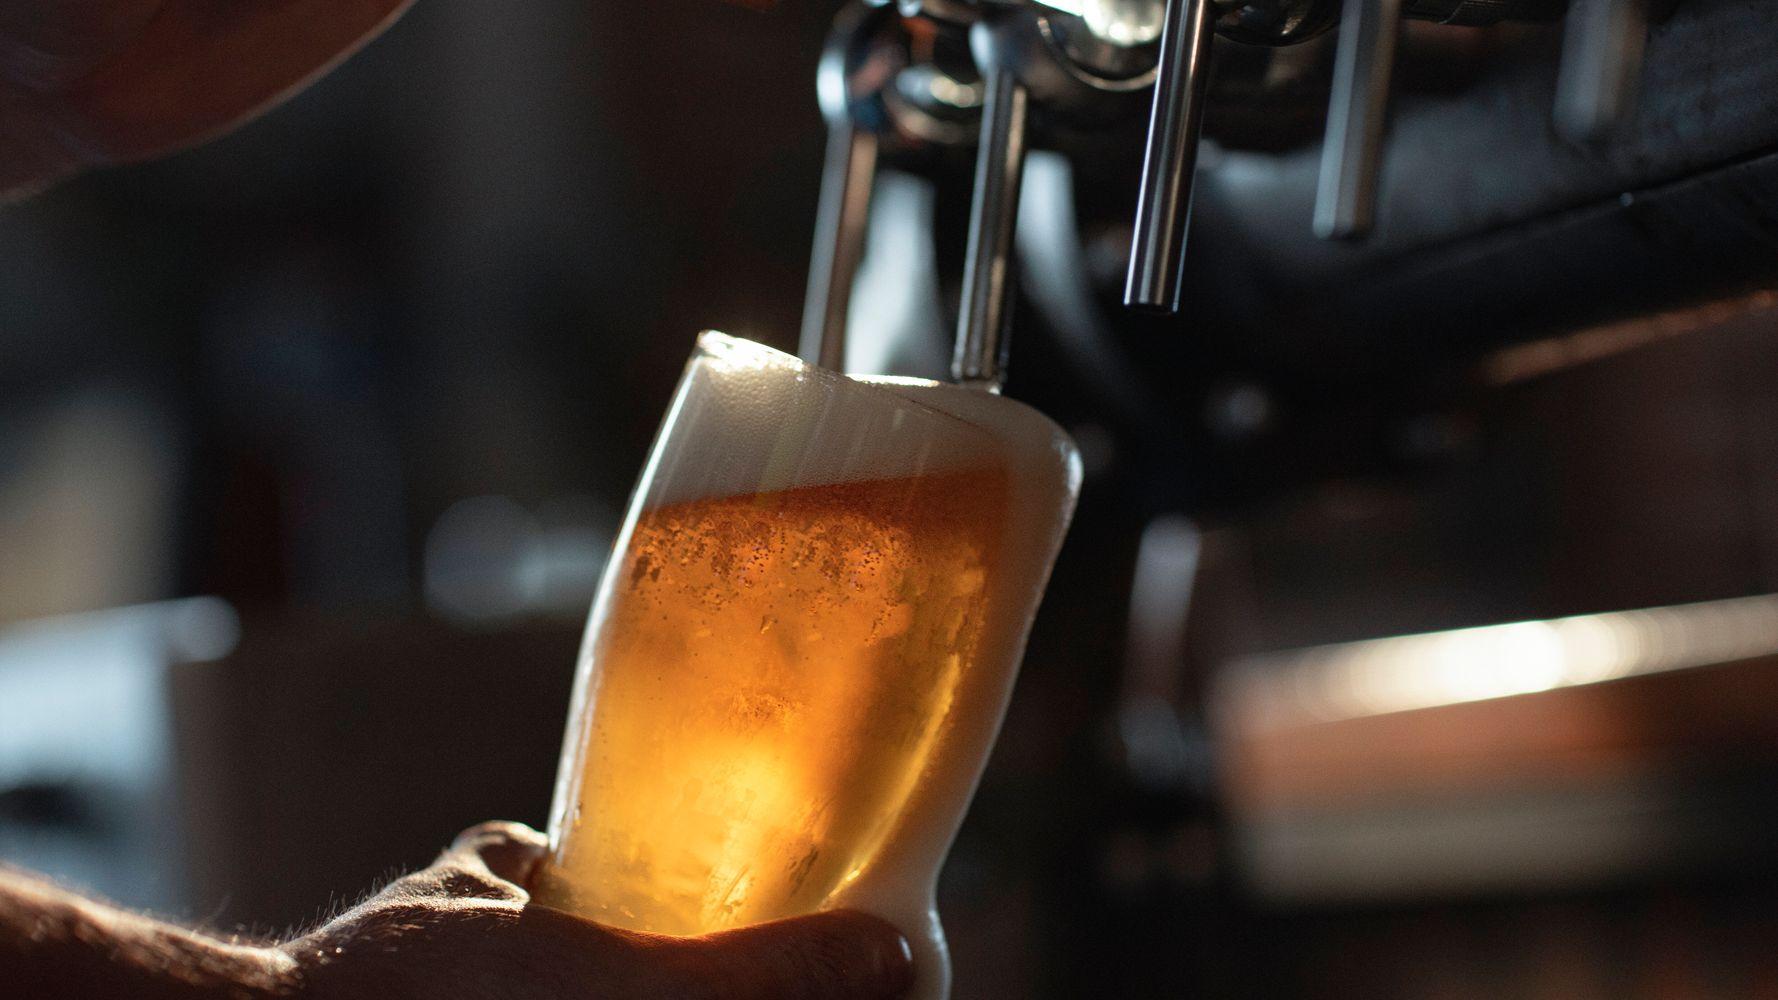 Ohio Man Buys $7 Beer, Leaves $3,000 Tip